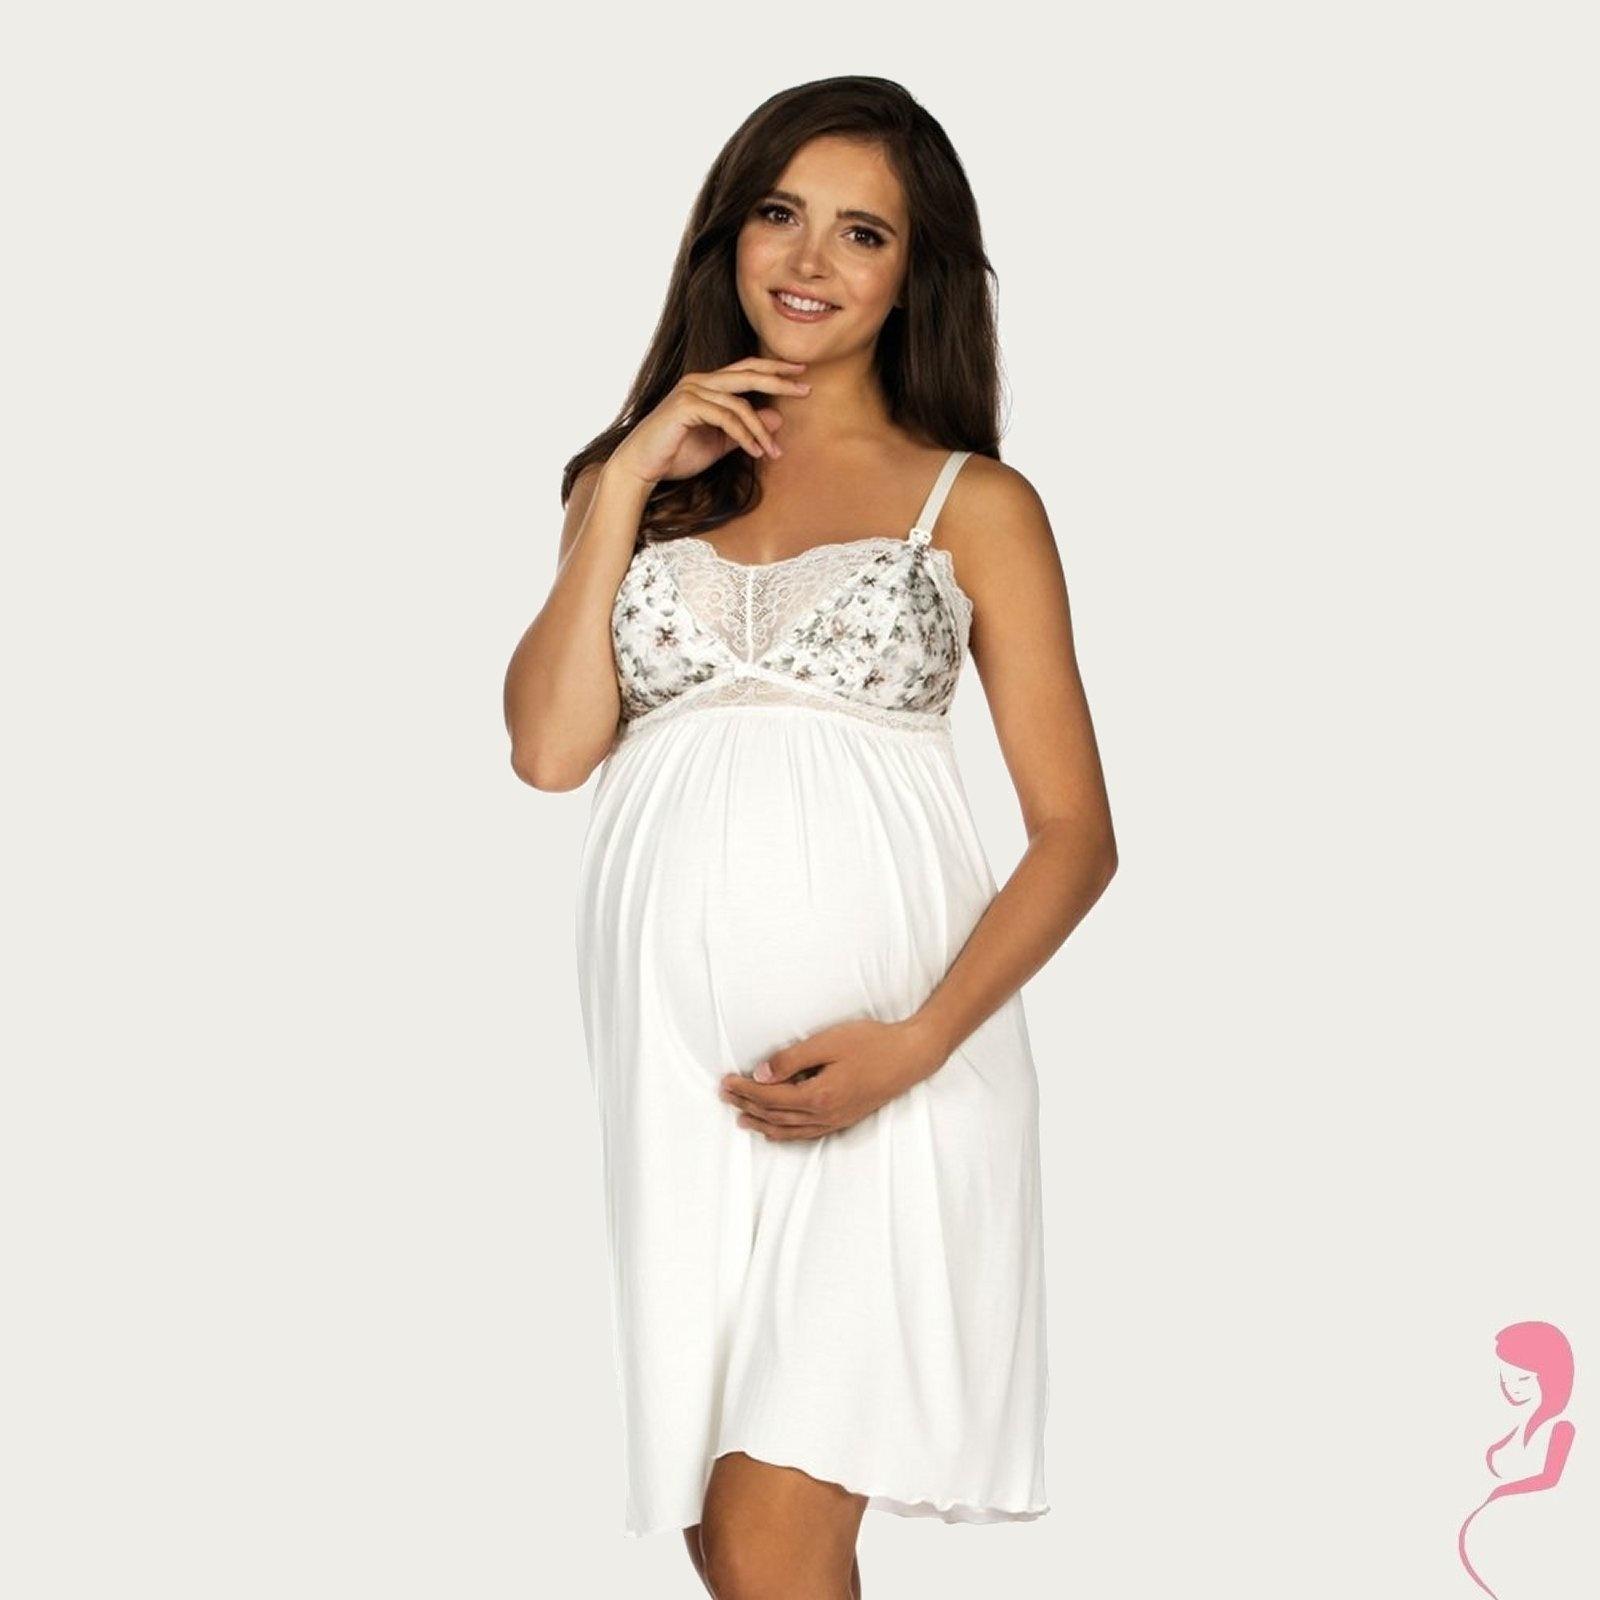 Lupoline Zwangerschapsjurk - Voedingsjurk Flower White